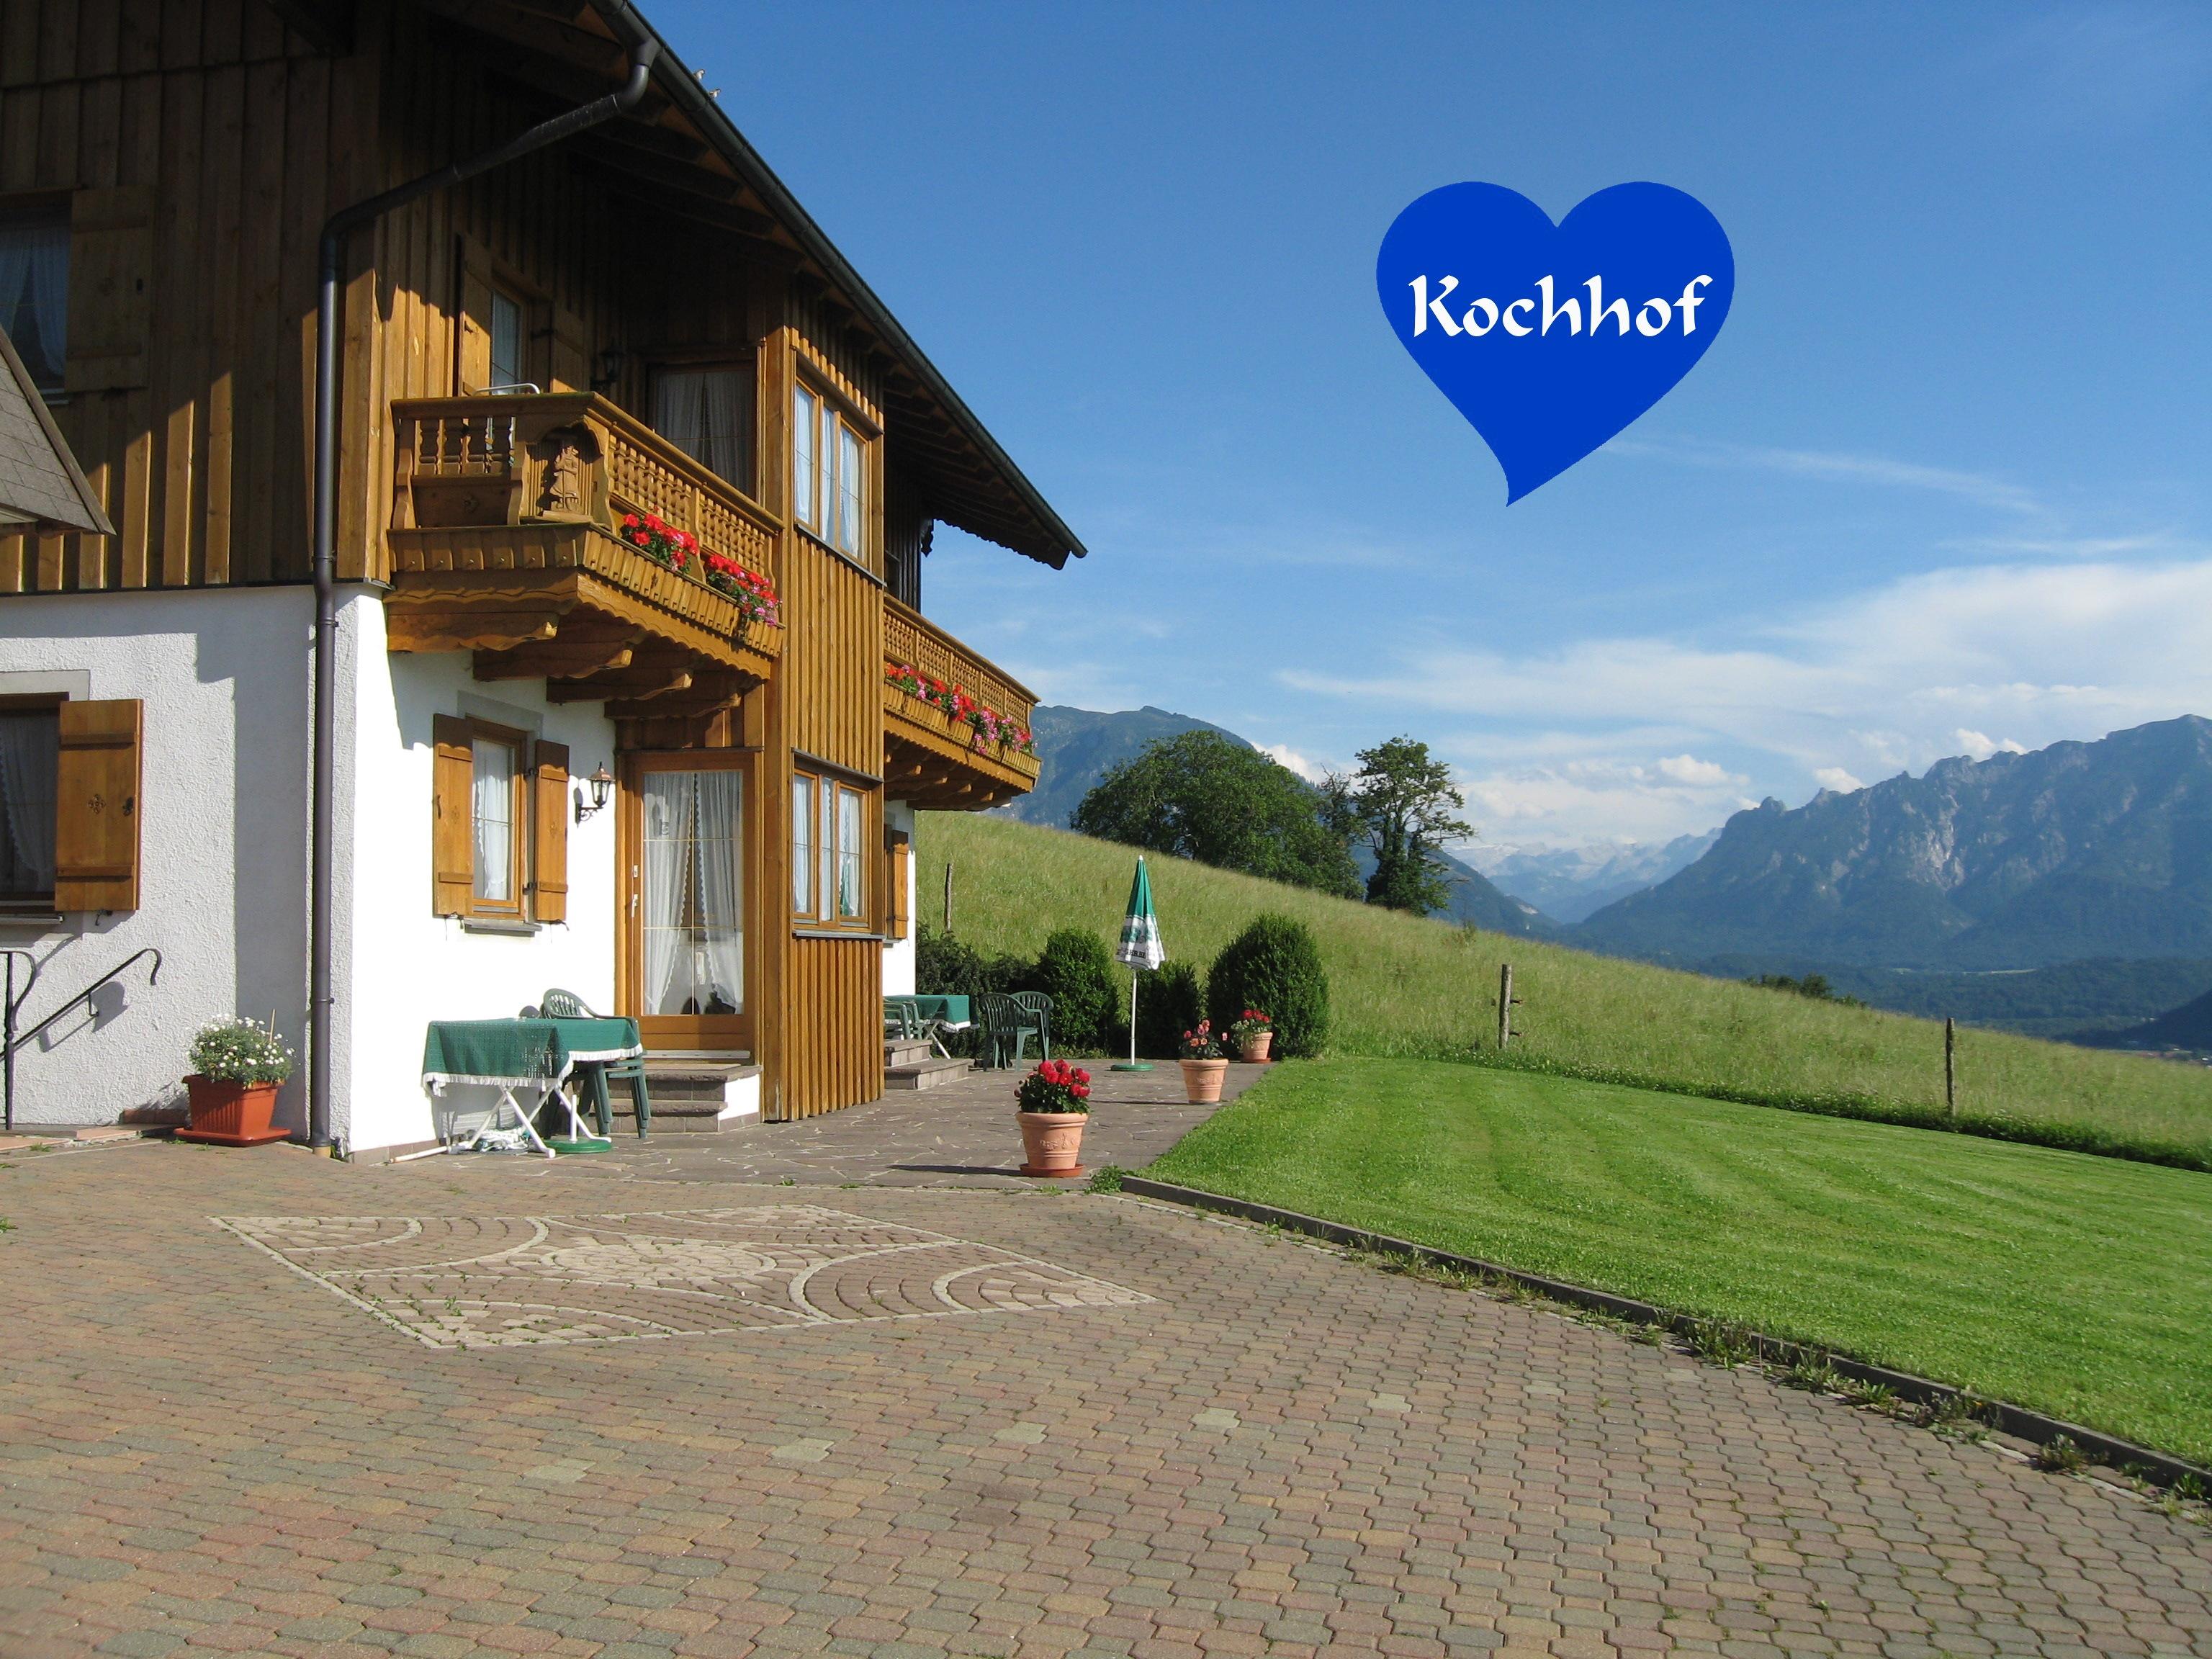 Urlaub auf dem Kochhof im schönen Berchtesgadener Land auf dem Högl